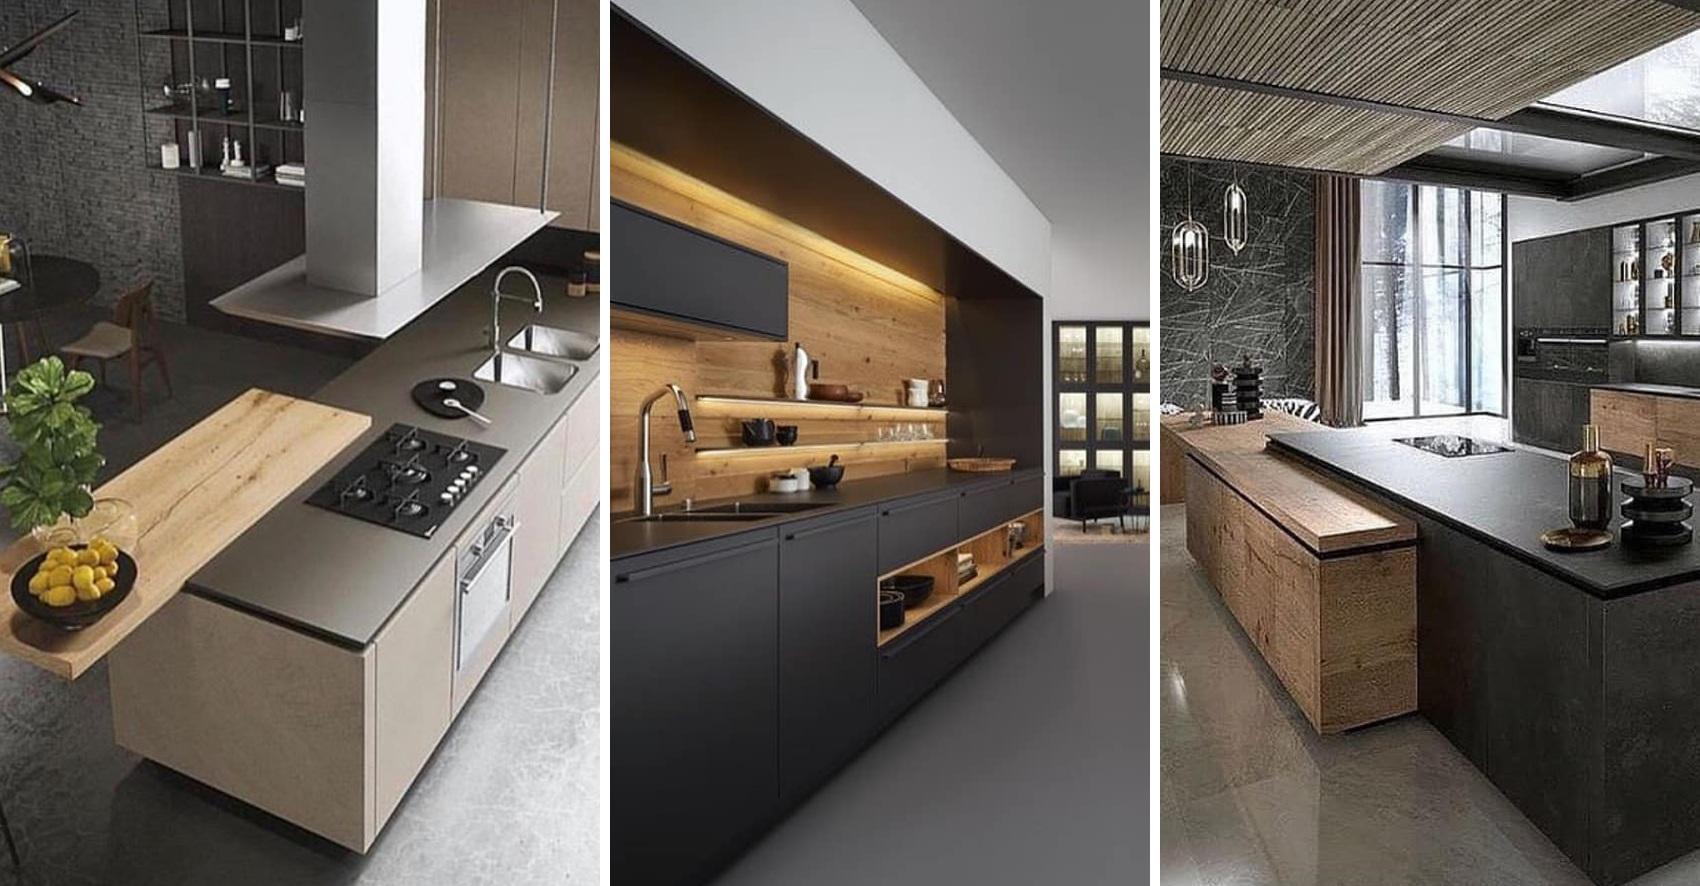 Stil-casa-belsito-arredo-cucine-scale-cosenza-bbls-group-arredamento-3